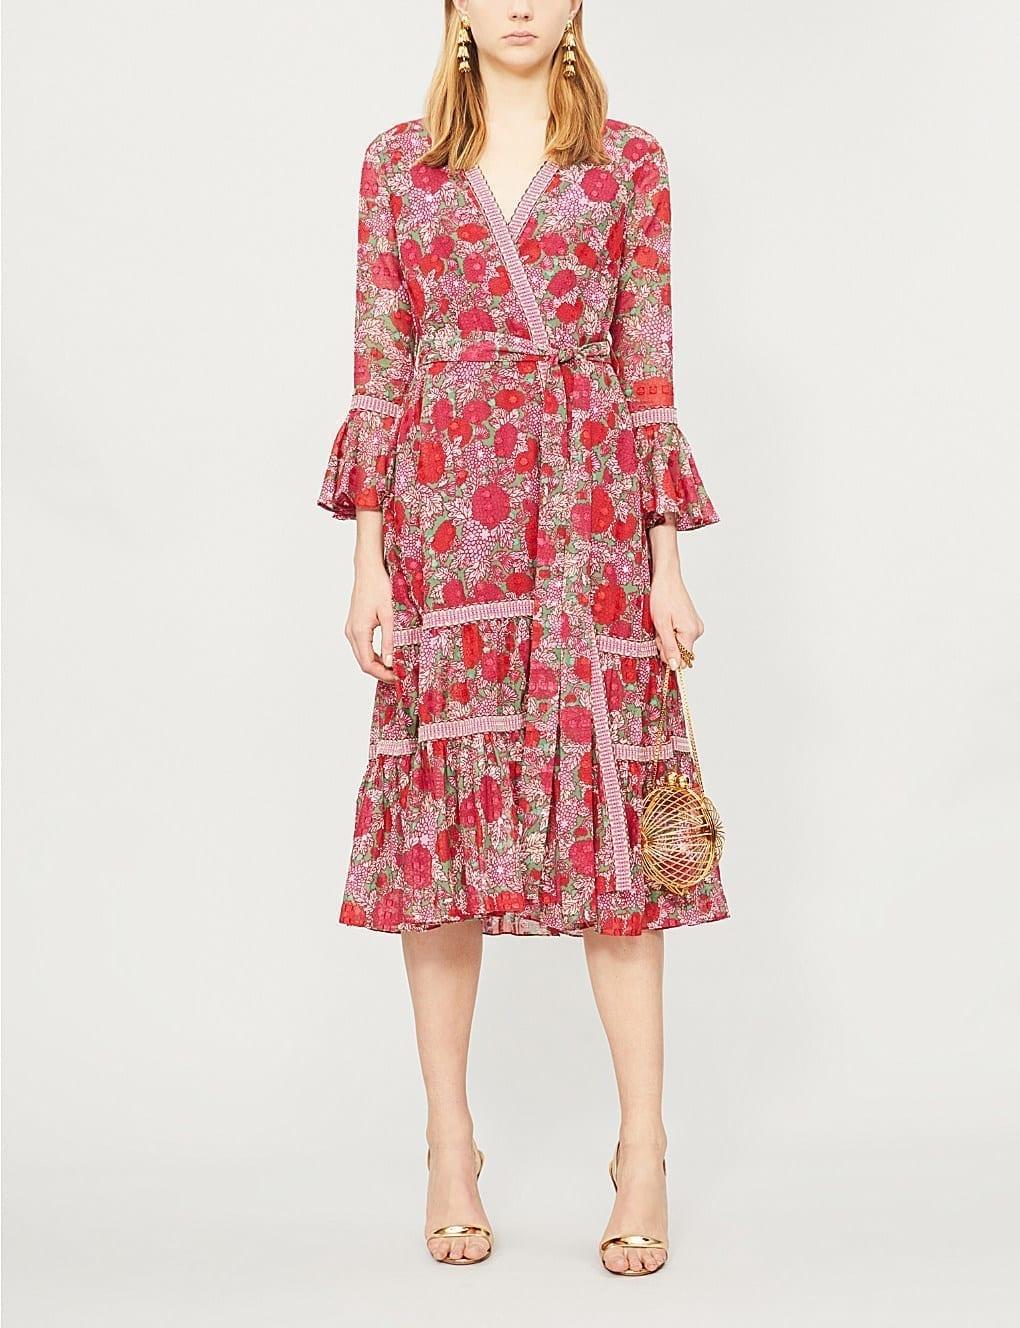 ALEXIS Marcas Floral-Print Cotton Red Dress